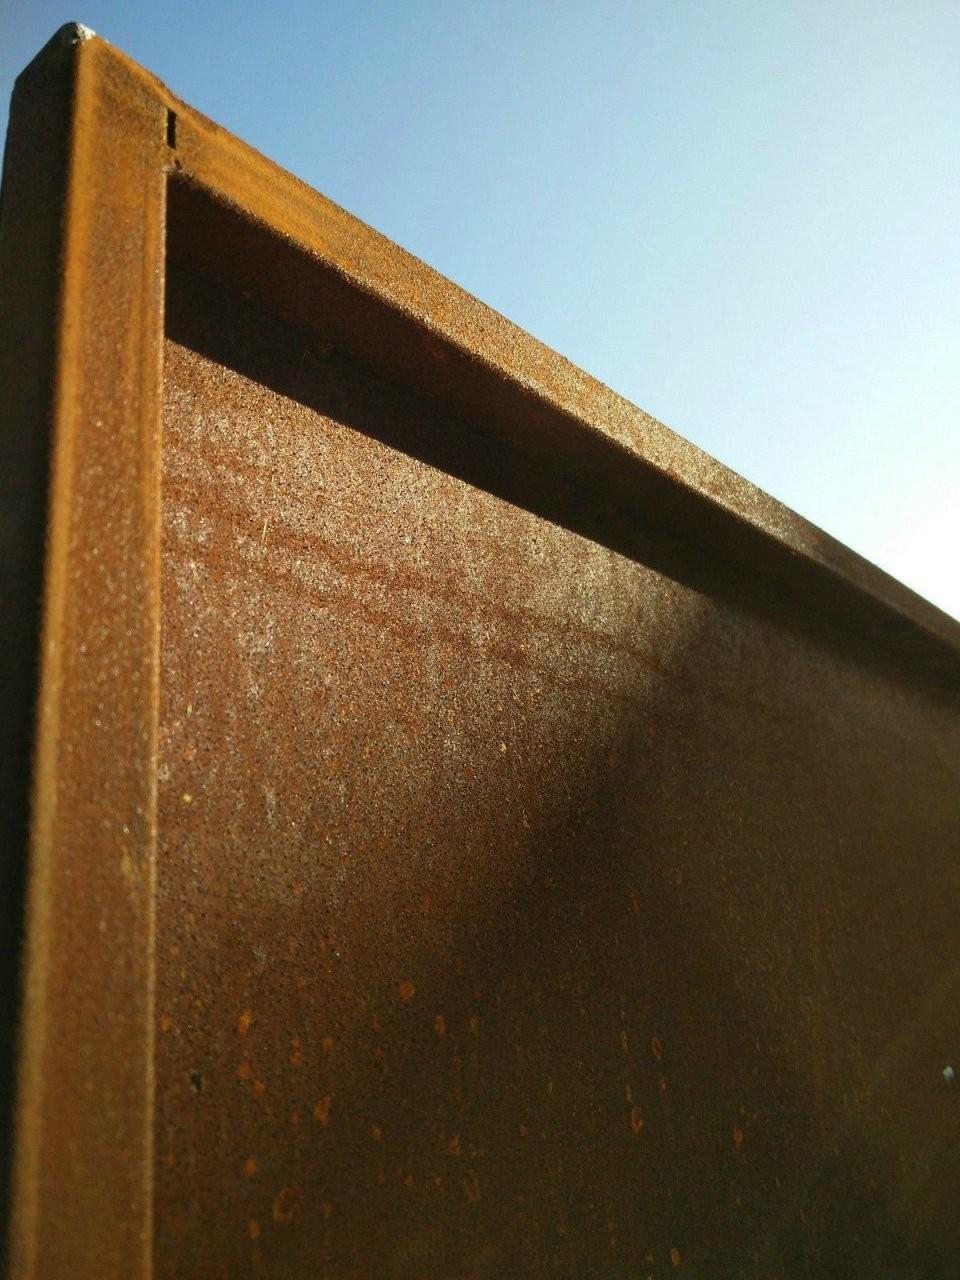 Edelrost Garten Sichtschutz Rost Sichtschutzwand Gartenzubehör von Sichtschutz Garten Metall Rost Bild